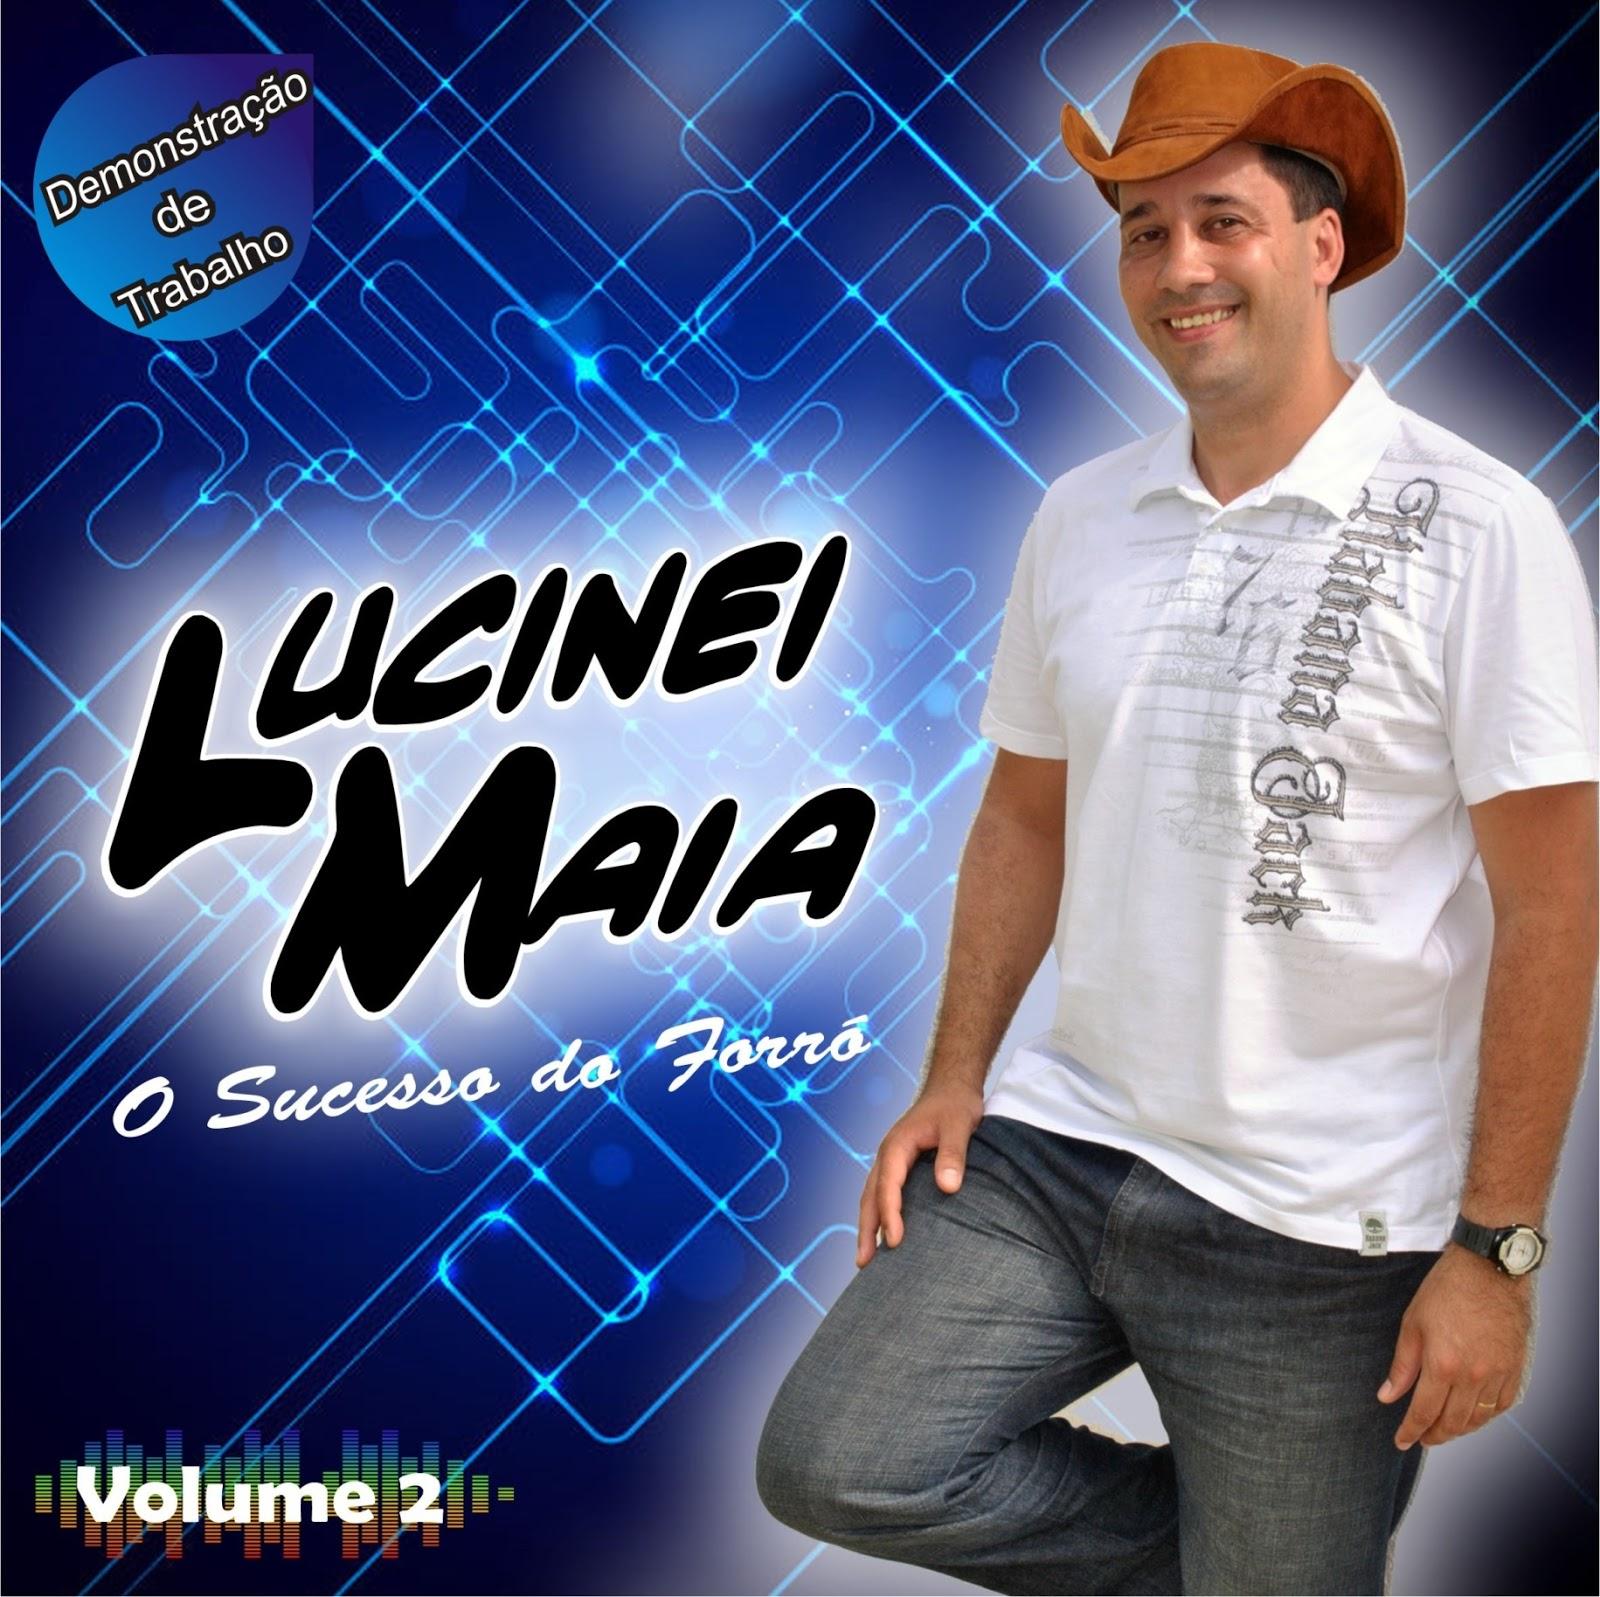 CD FORRO BAIXAR ABRIL 2010 DO DE AVIOES